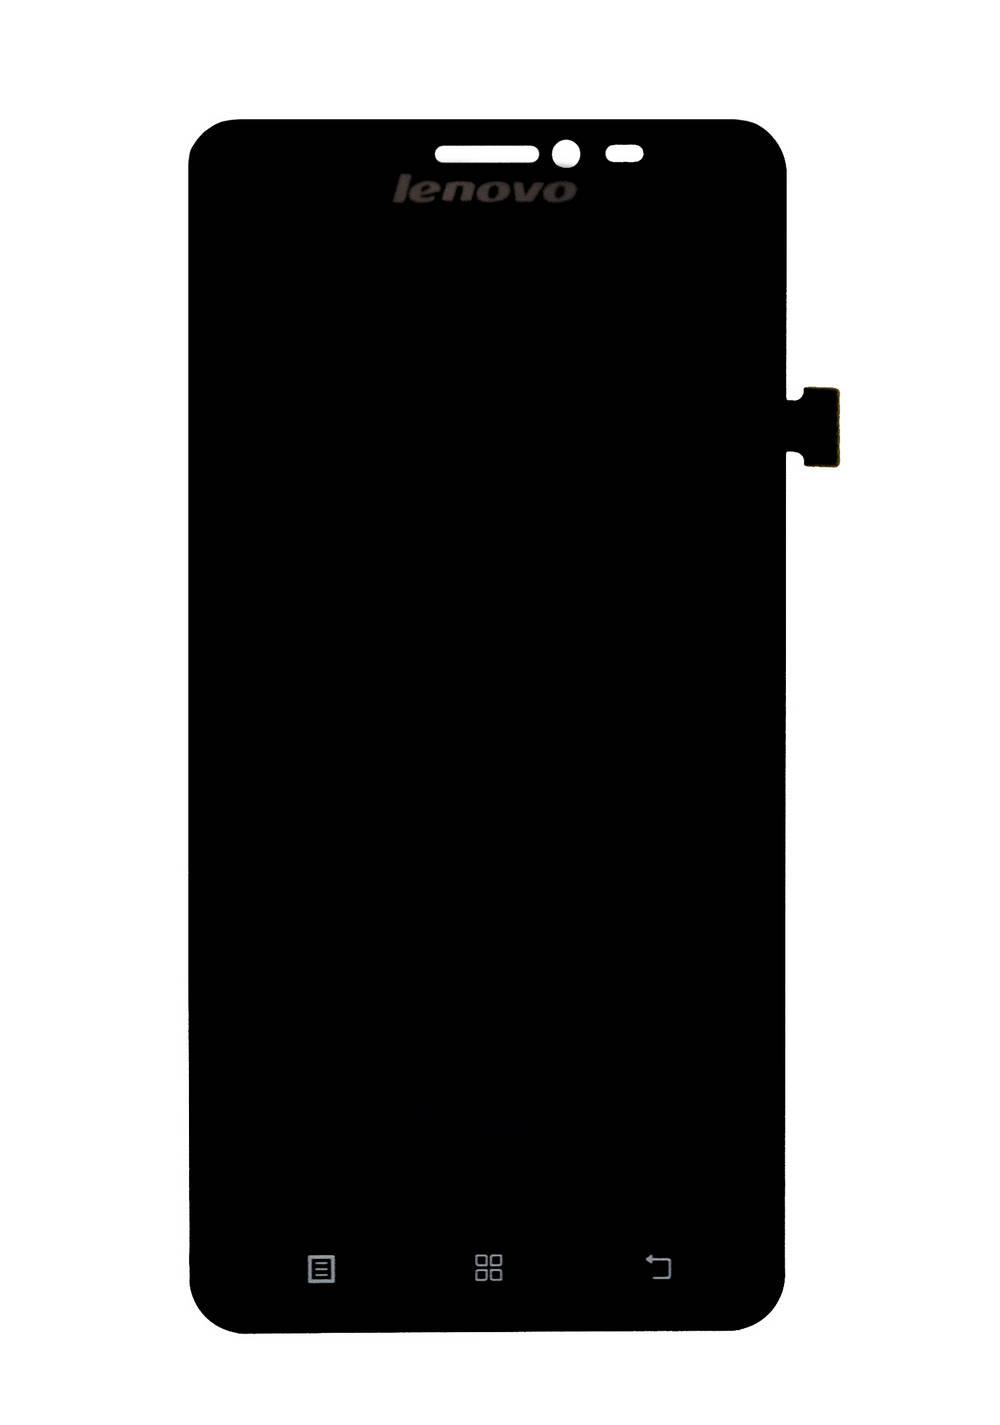 Γνήσια Οθόνη & Μηχανισμός Αφής Lenovo S850 Μαύρο